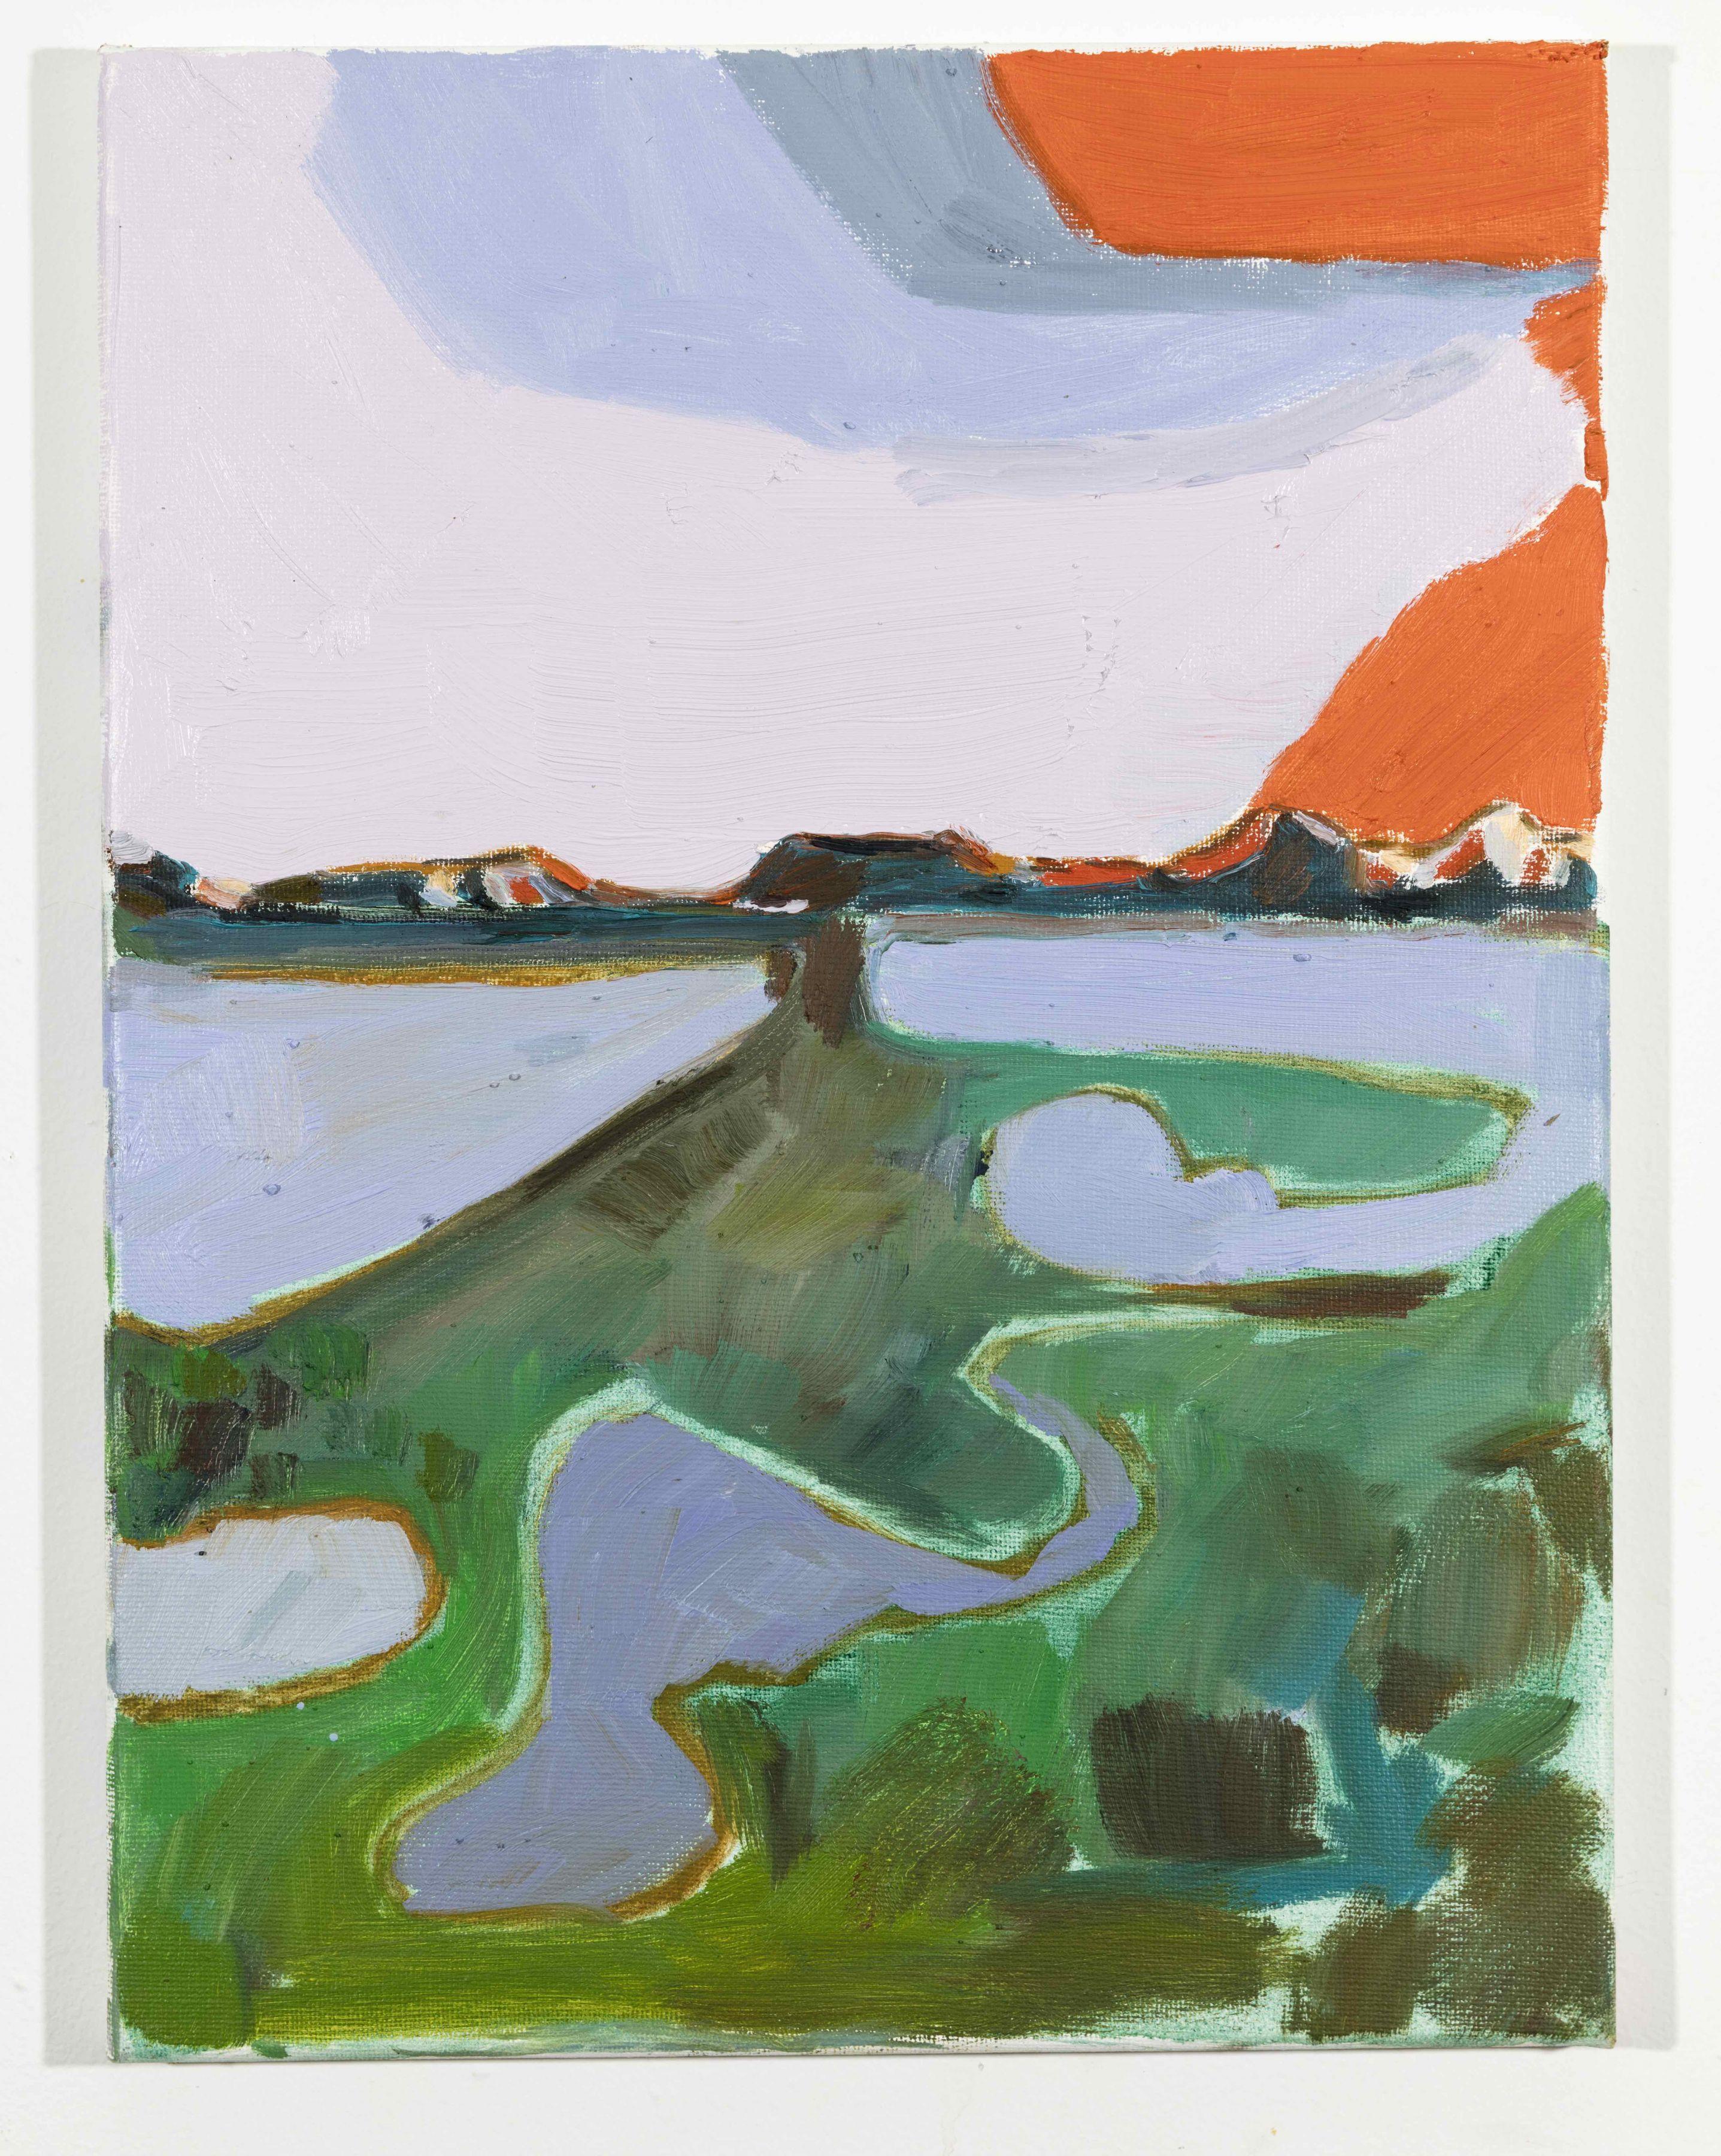 LISA SANDITZ, Landscape Color Study 24, 2019